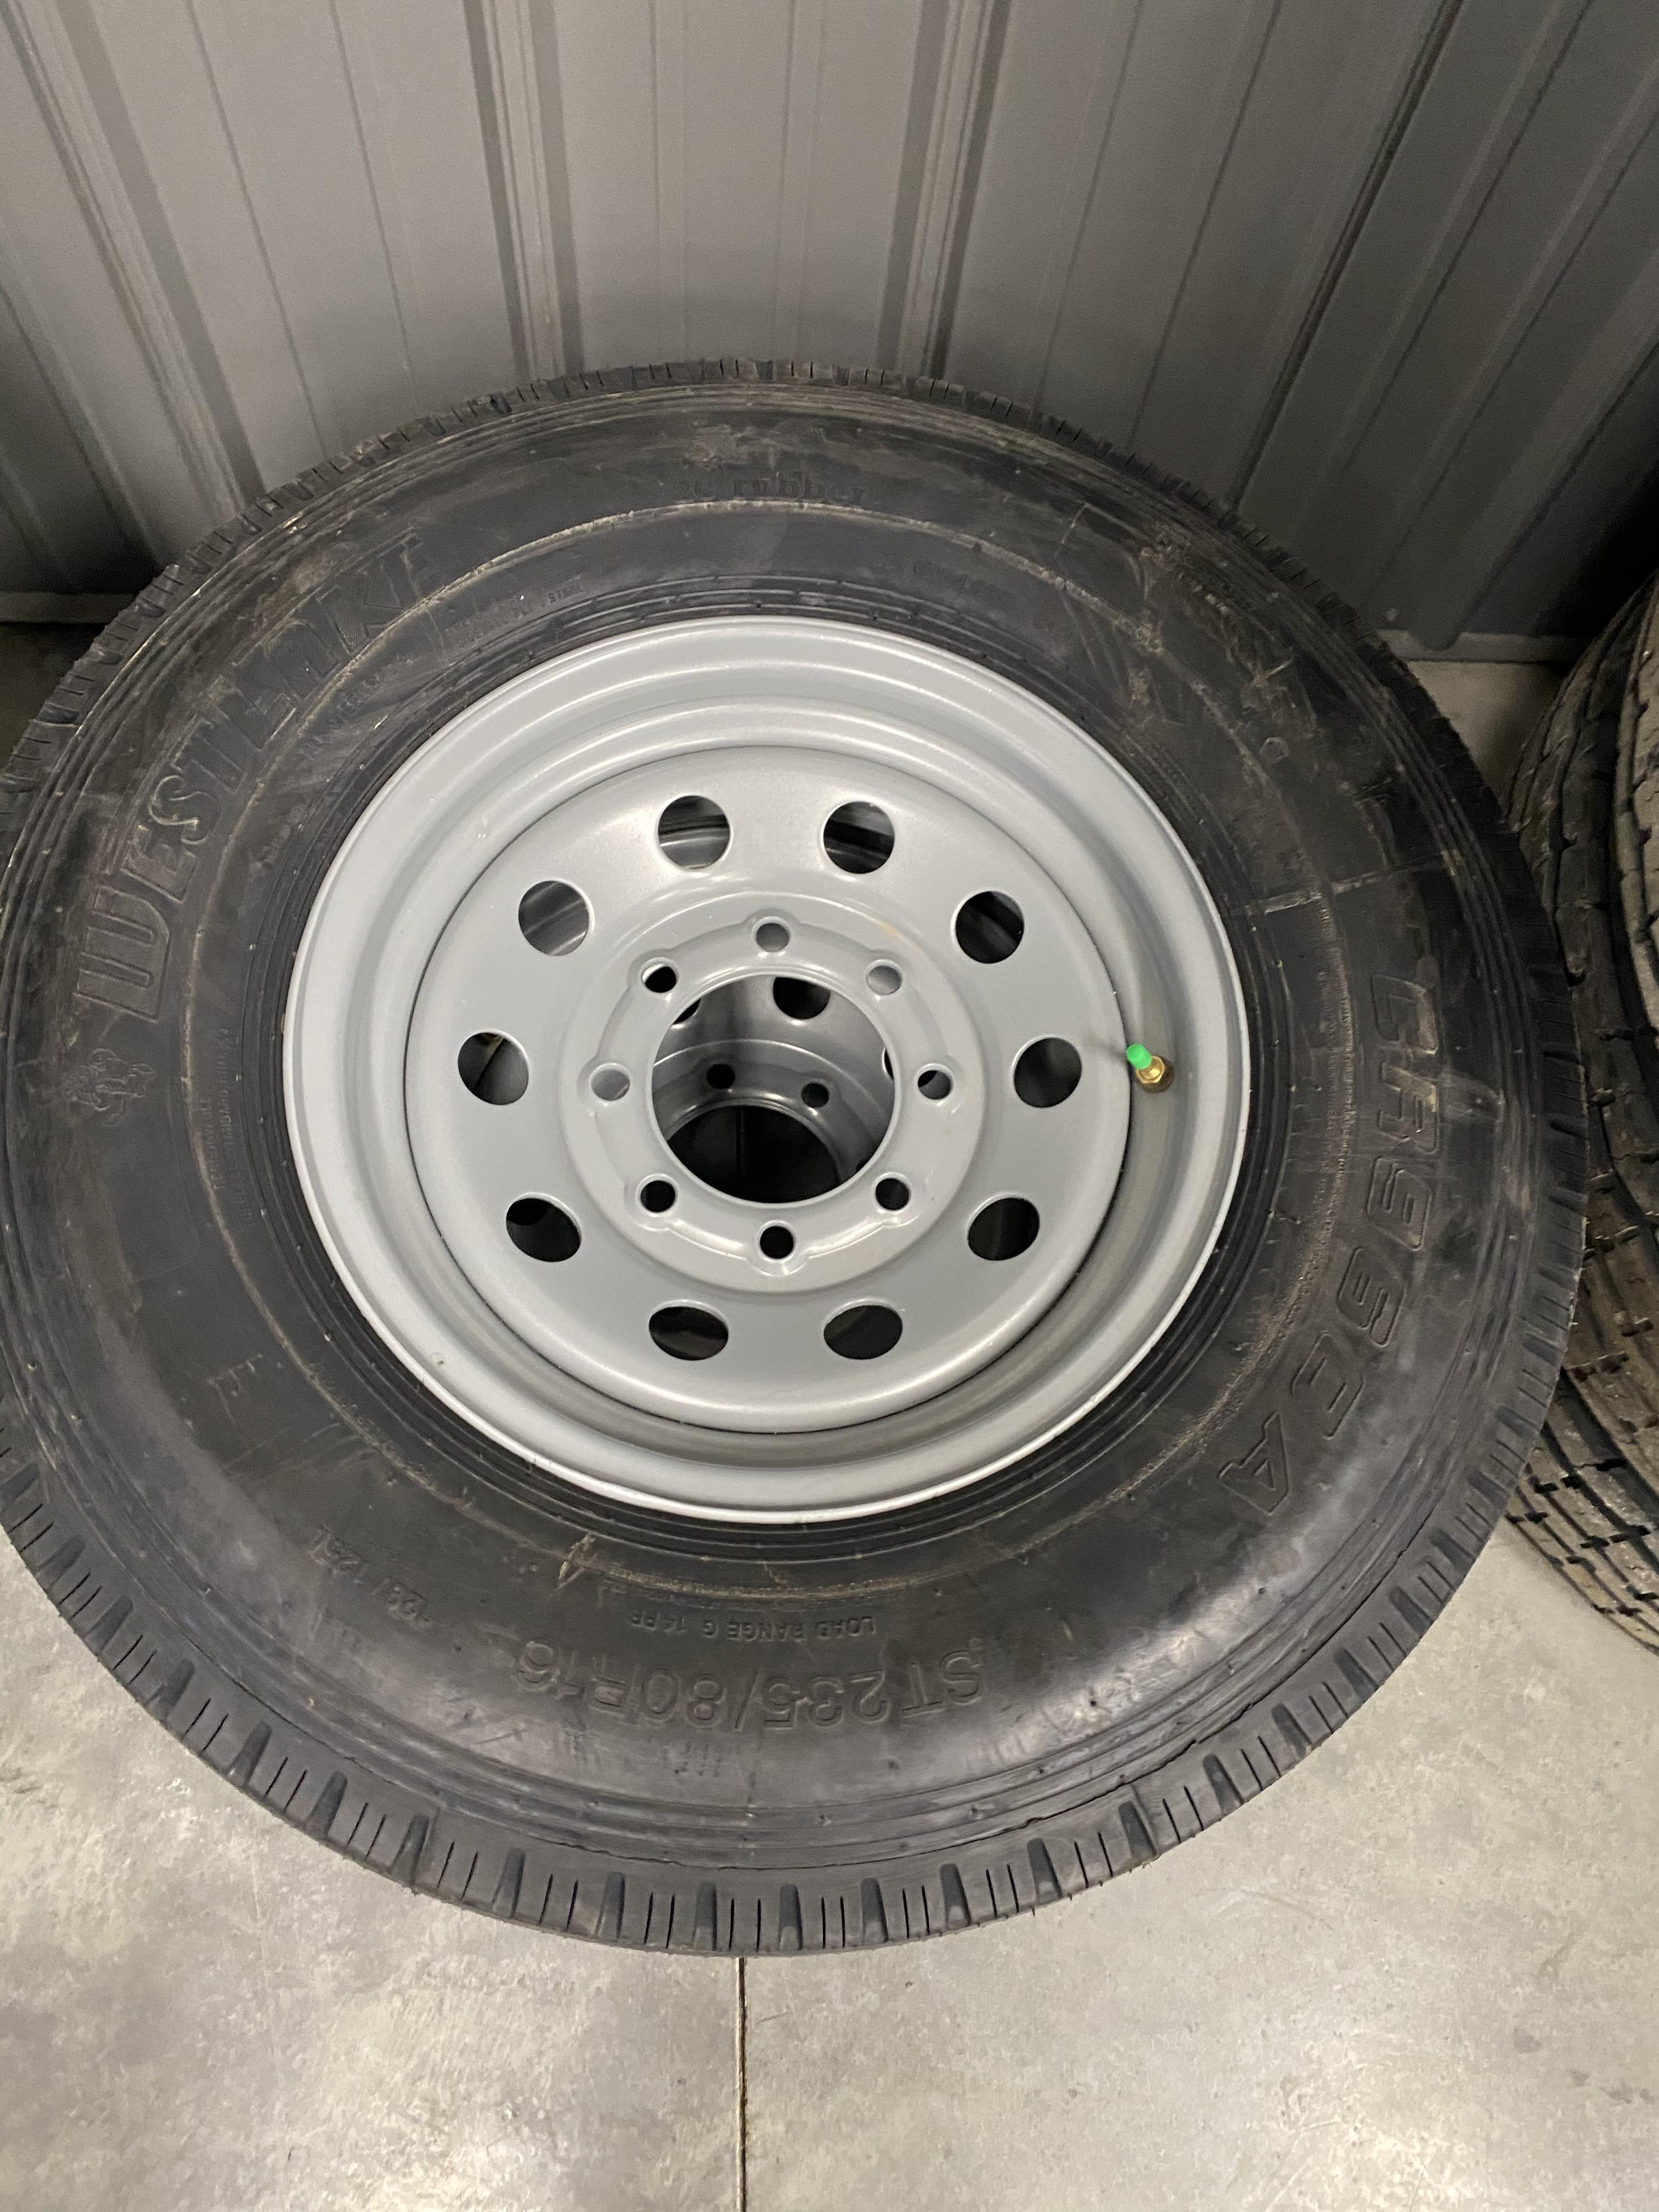 Westlake Tire and Rim 235/80/16 8 LUG 14PLY  ~Silver~